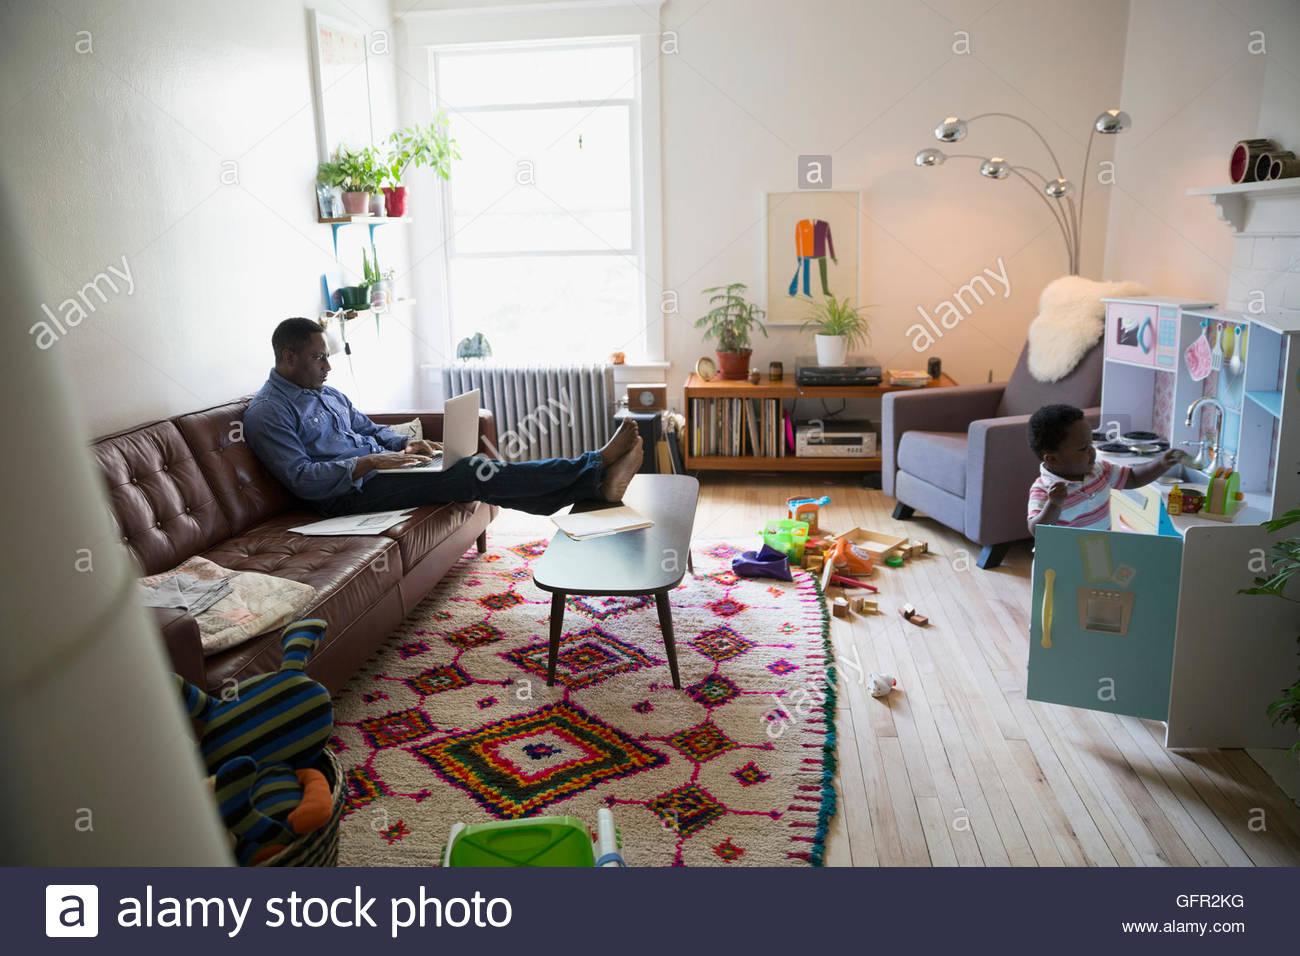 Vater mit Laptop in der Nähe von Sohn spielt im Wohnzimmer Stockbild